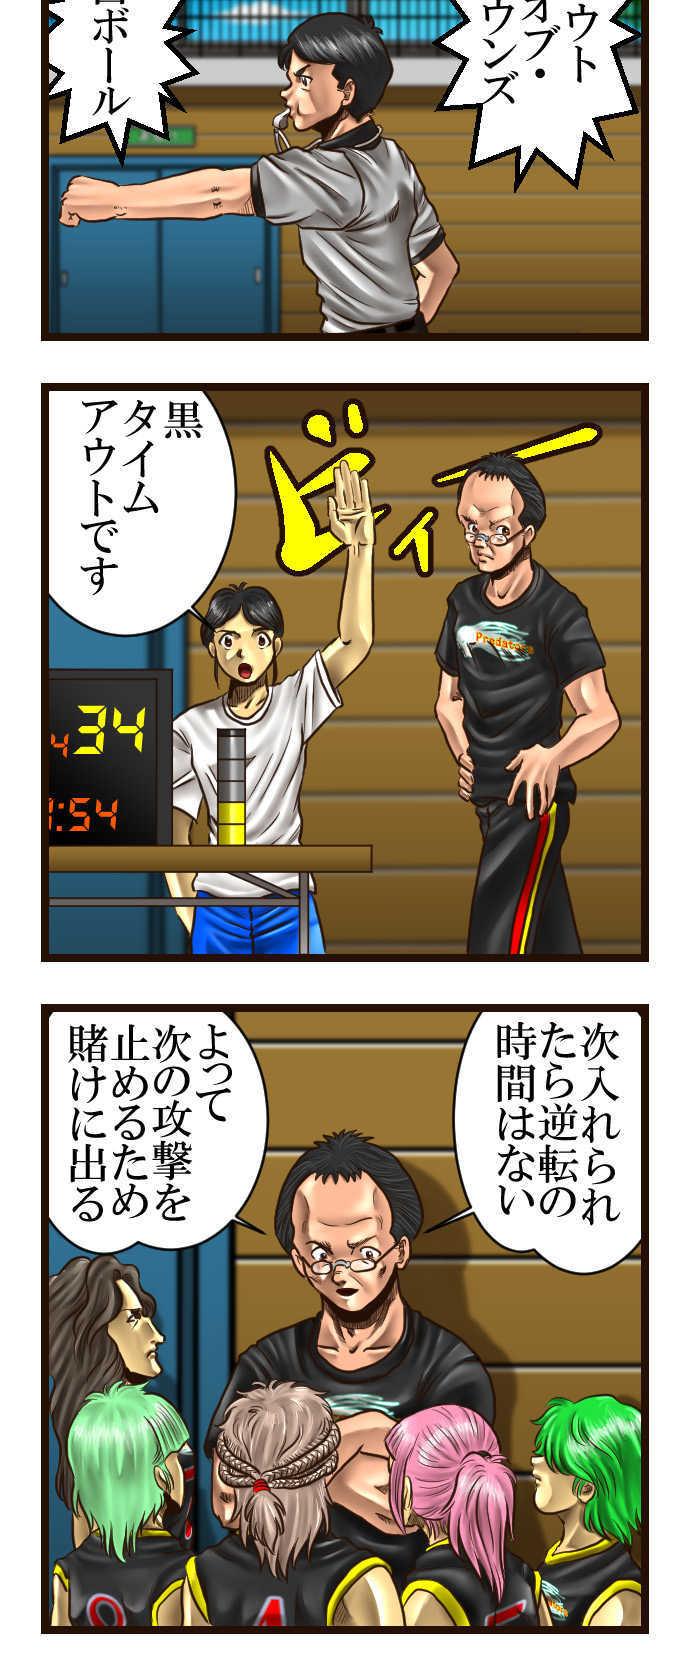 第24話 自分でやれぃ!いけぃ!